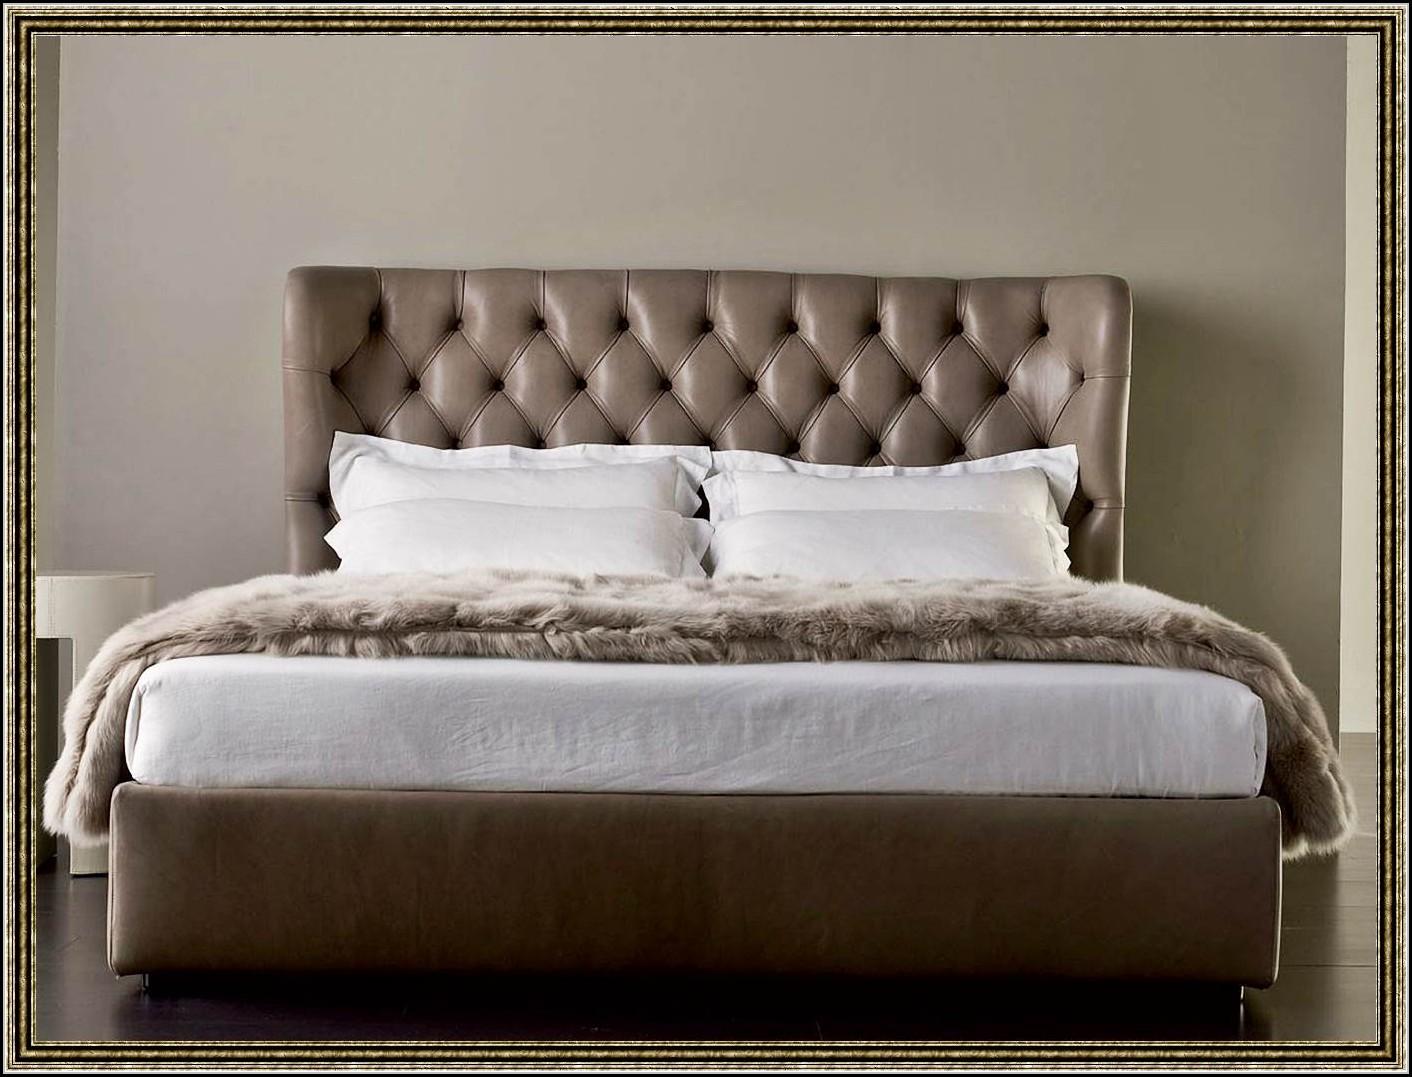 bett hohes kopfteil betten house und dekor galerie. Black Bedroom Furniture Sets. Home Design Ideas